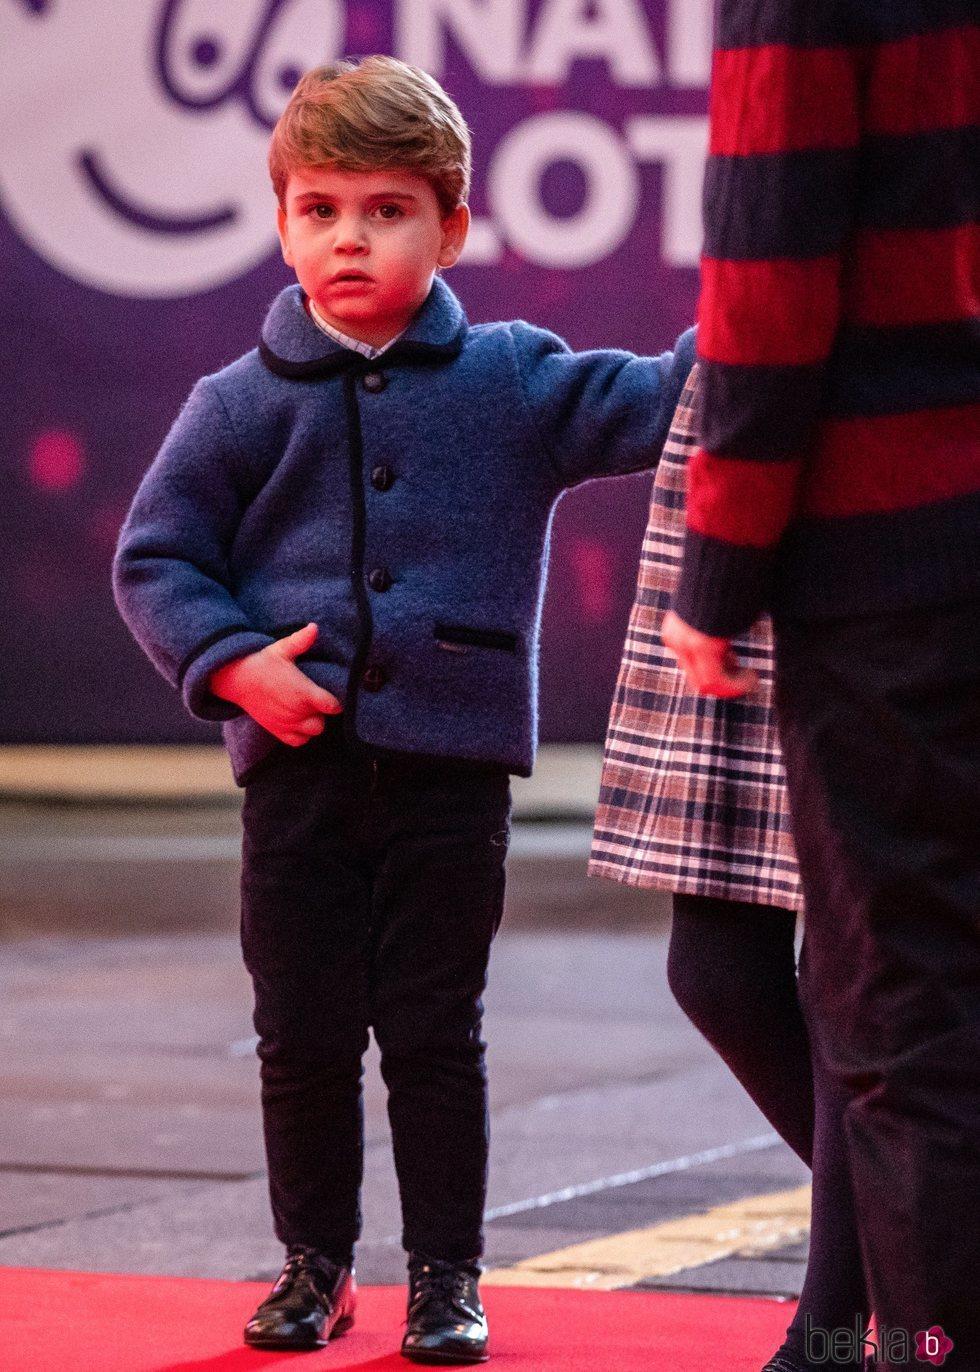 El Príncipe Luis de Cambridge en el espectáculo 'Pantoland'